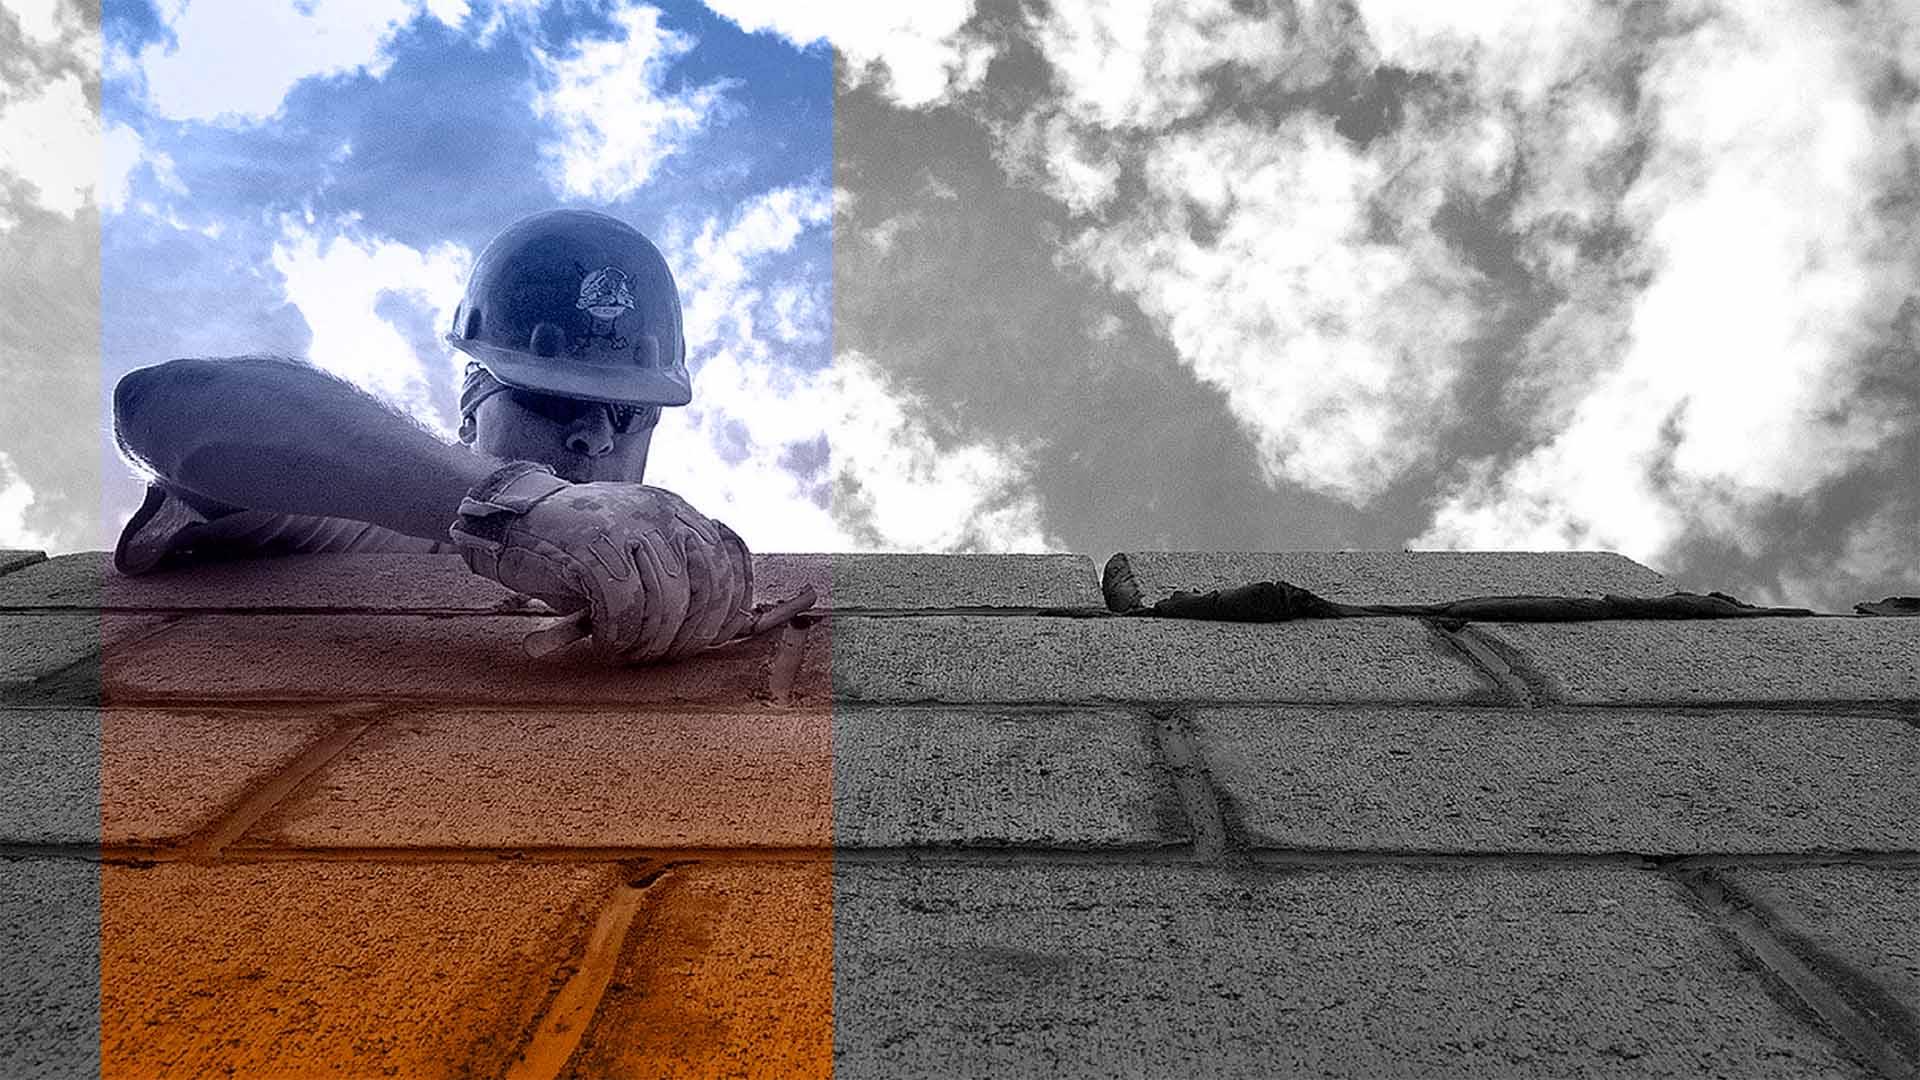 Construcción de nuevas cárceles, asunto urgente en Venezuela, por Carlos Nieto Palma